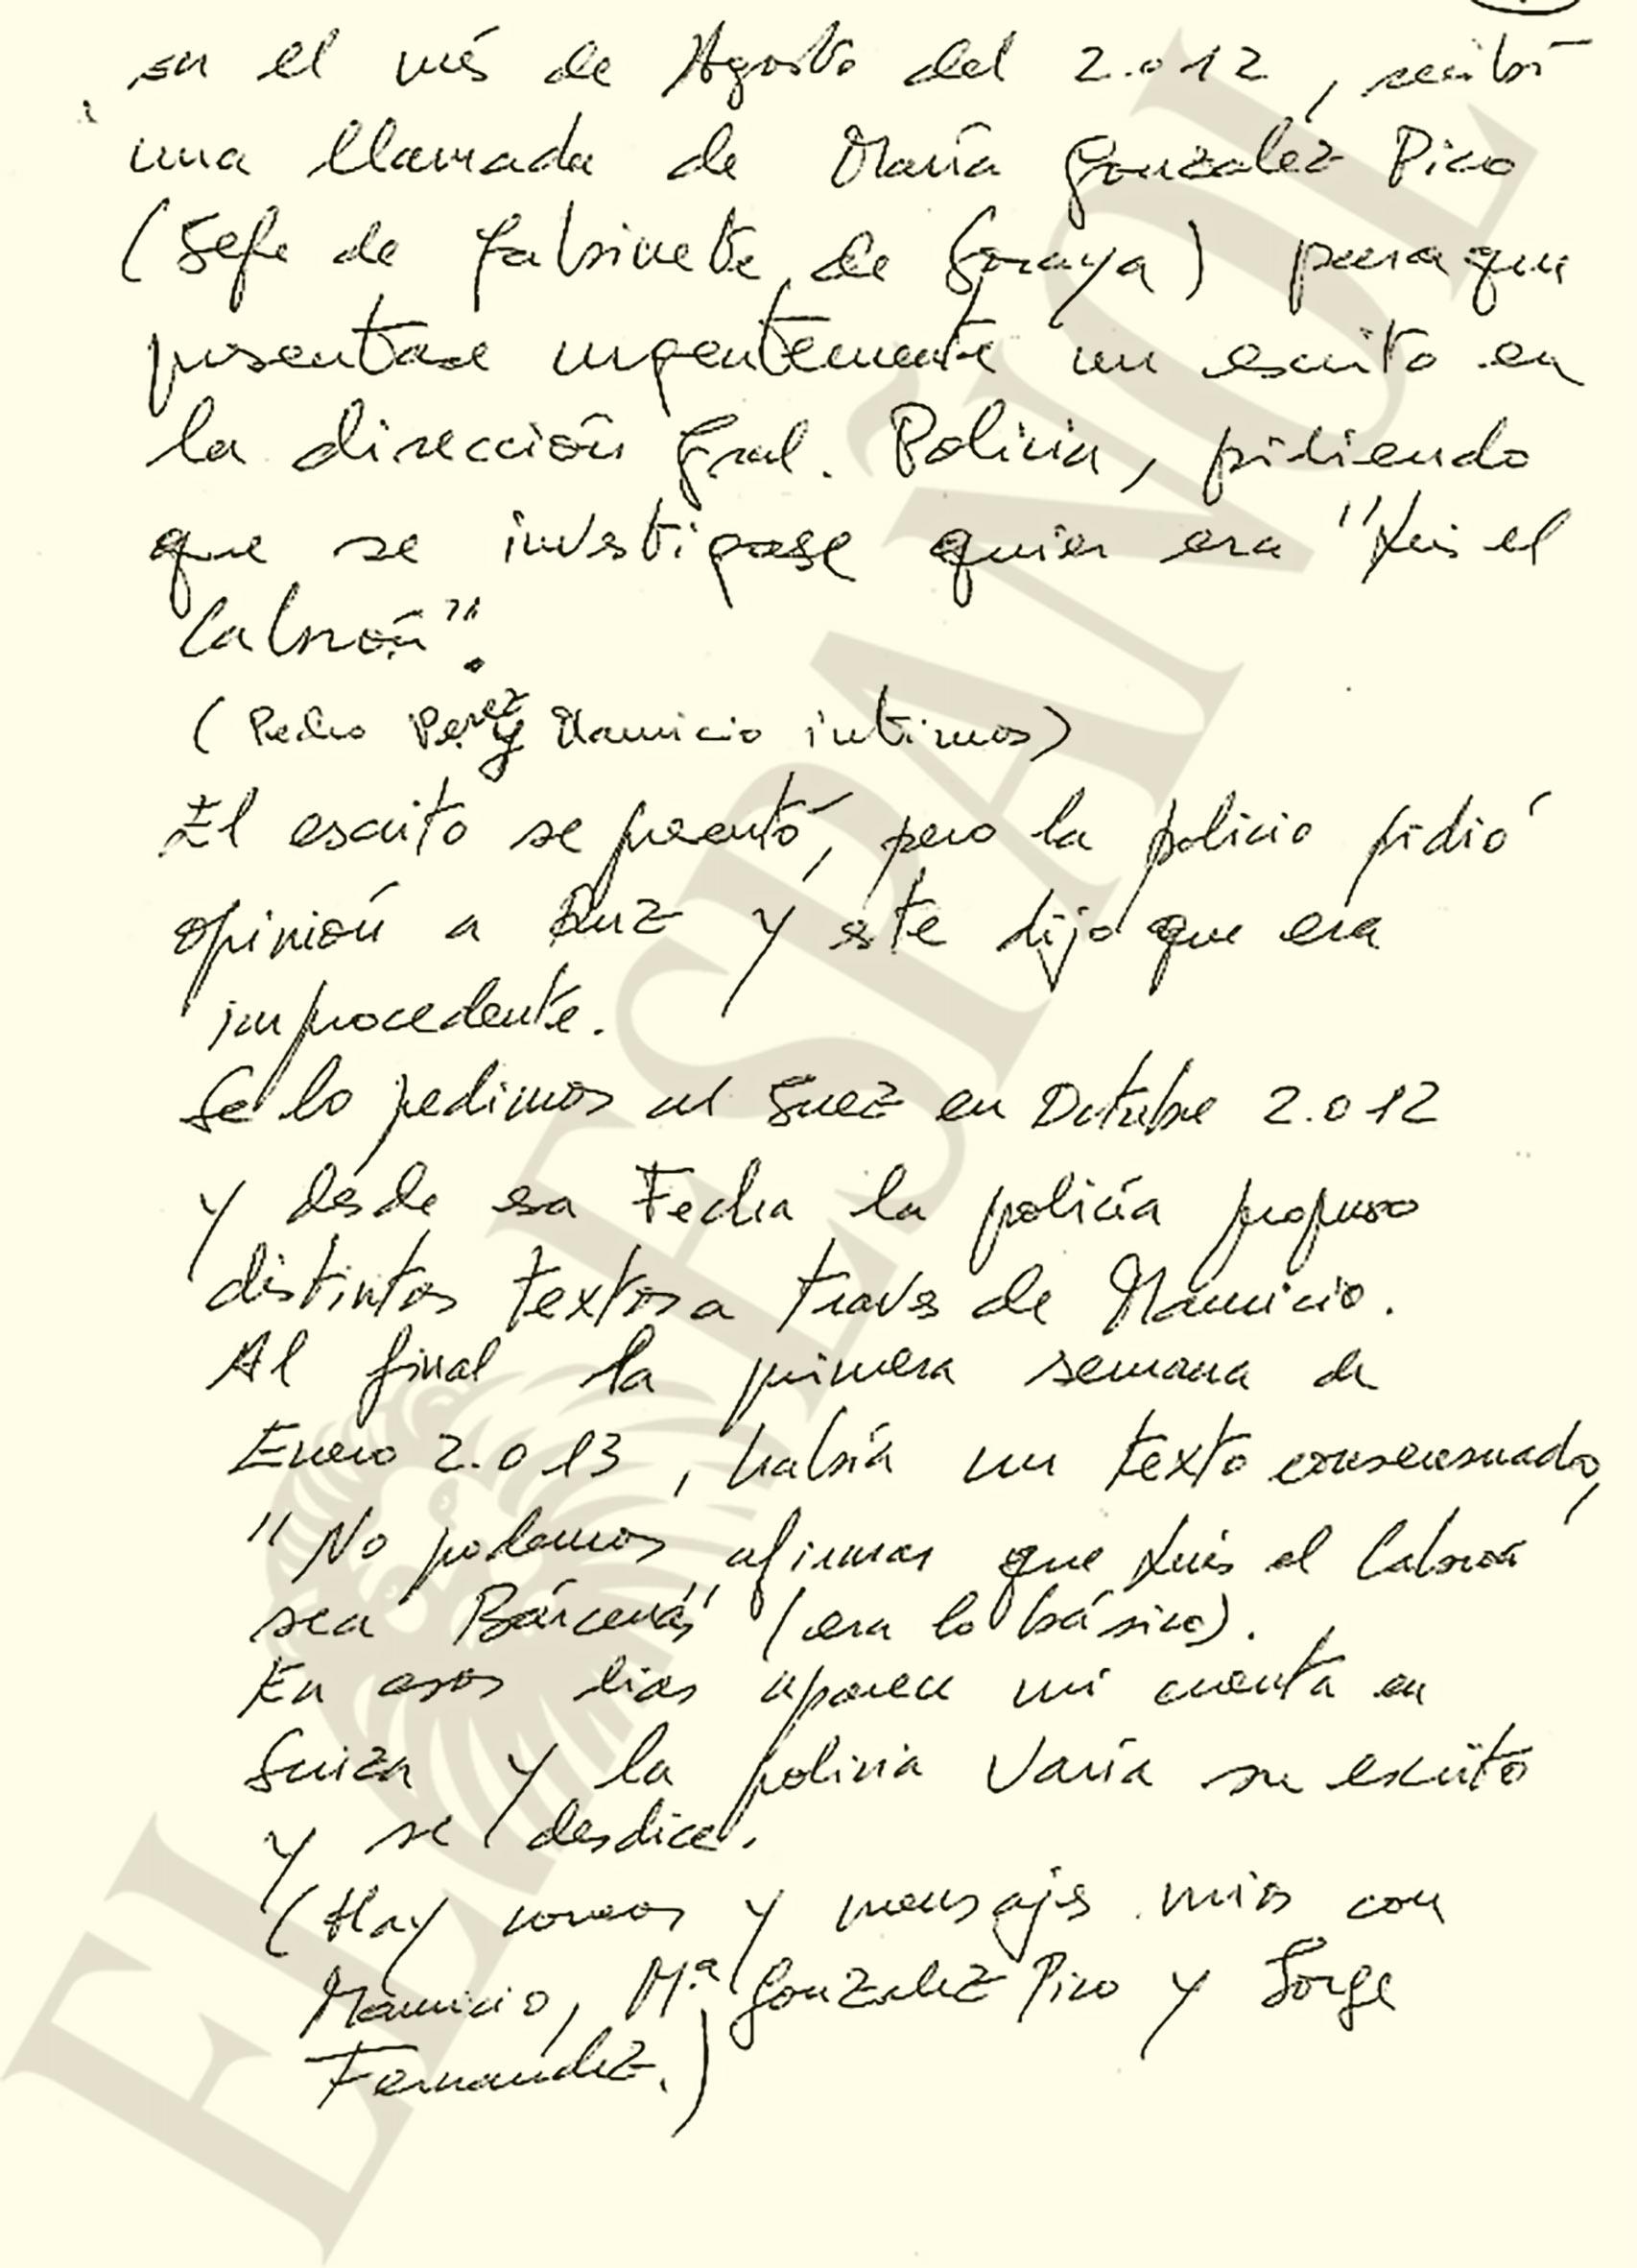 Segundo folio del manuscrito enviado por Bárcenas a la Audiencia Nacional.